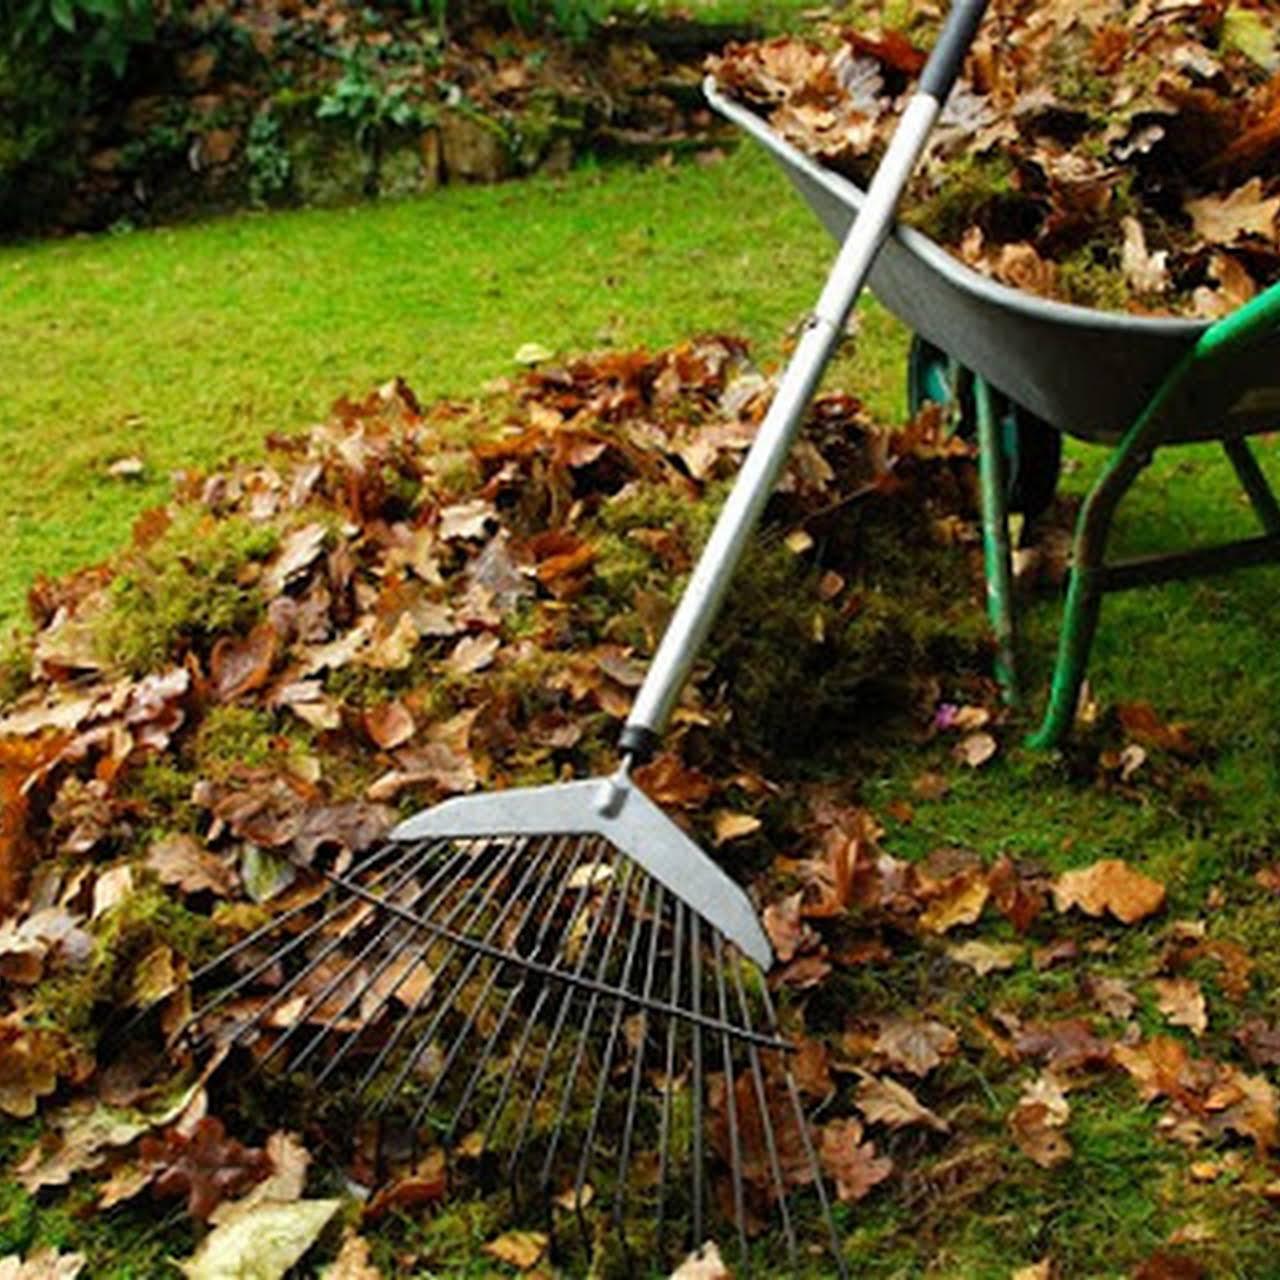 Northern Beaches Garden Maintenance - Gardener & Lawn Care Service ...